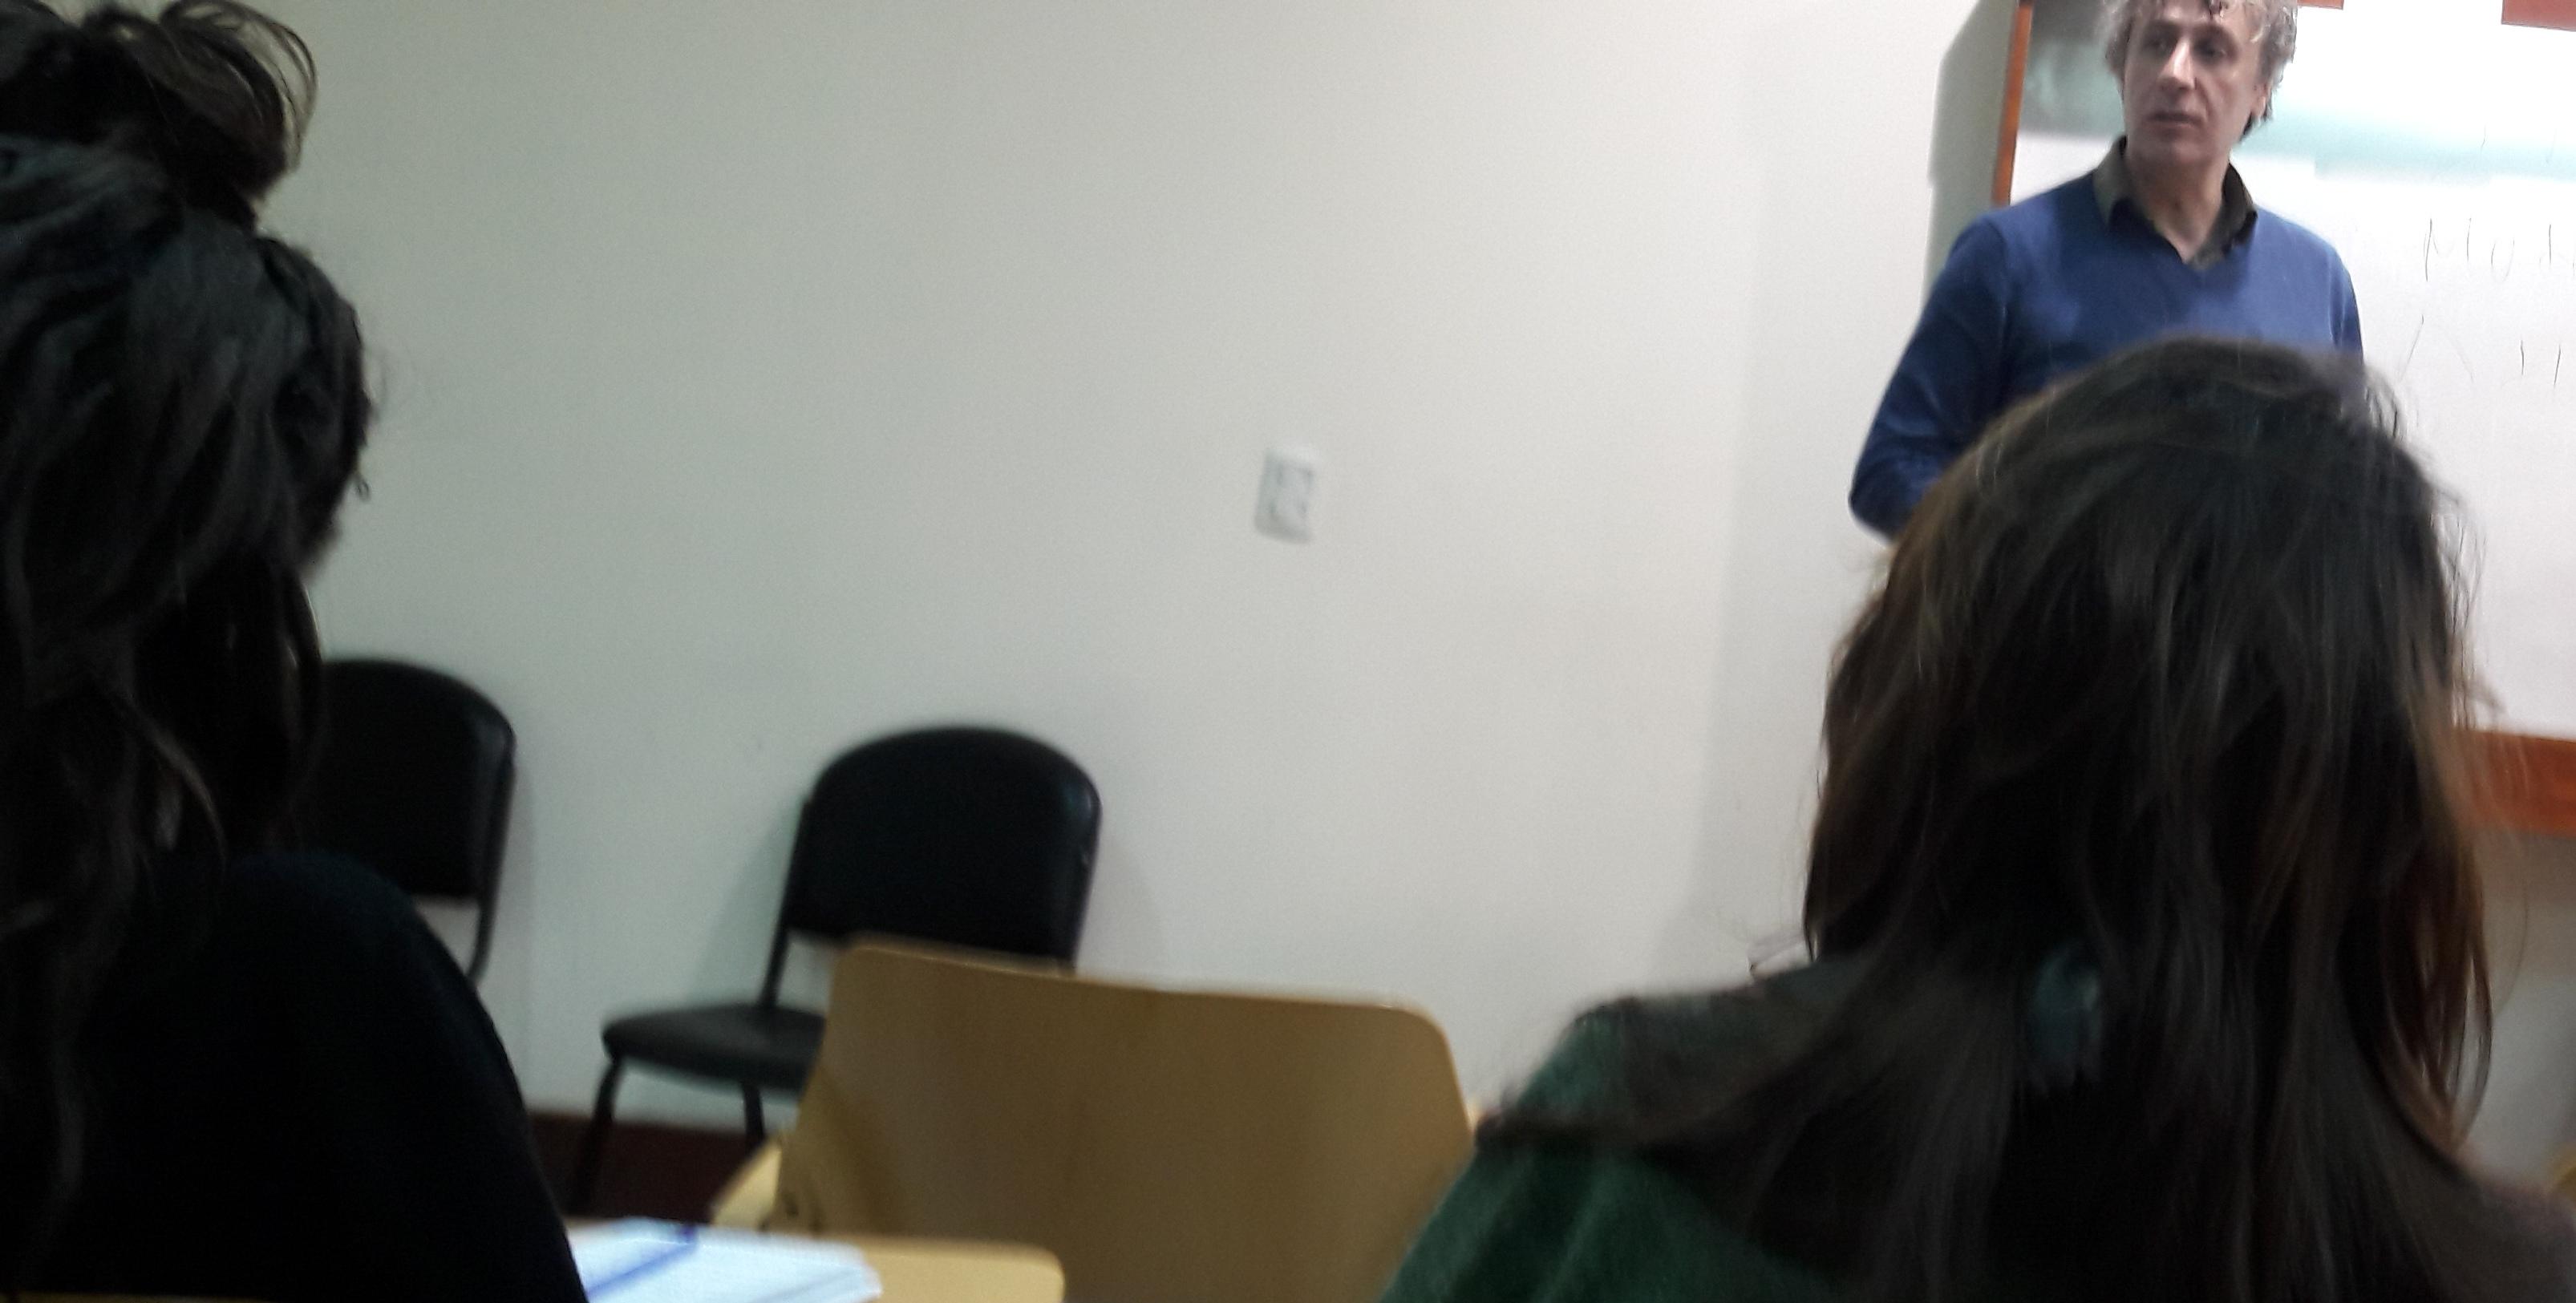 04-programa-de-estudios-africanos-unc-argentina-castien-maestro-sahel-islam-africa-diaspora